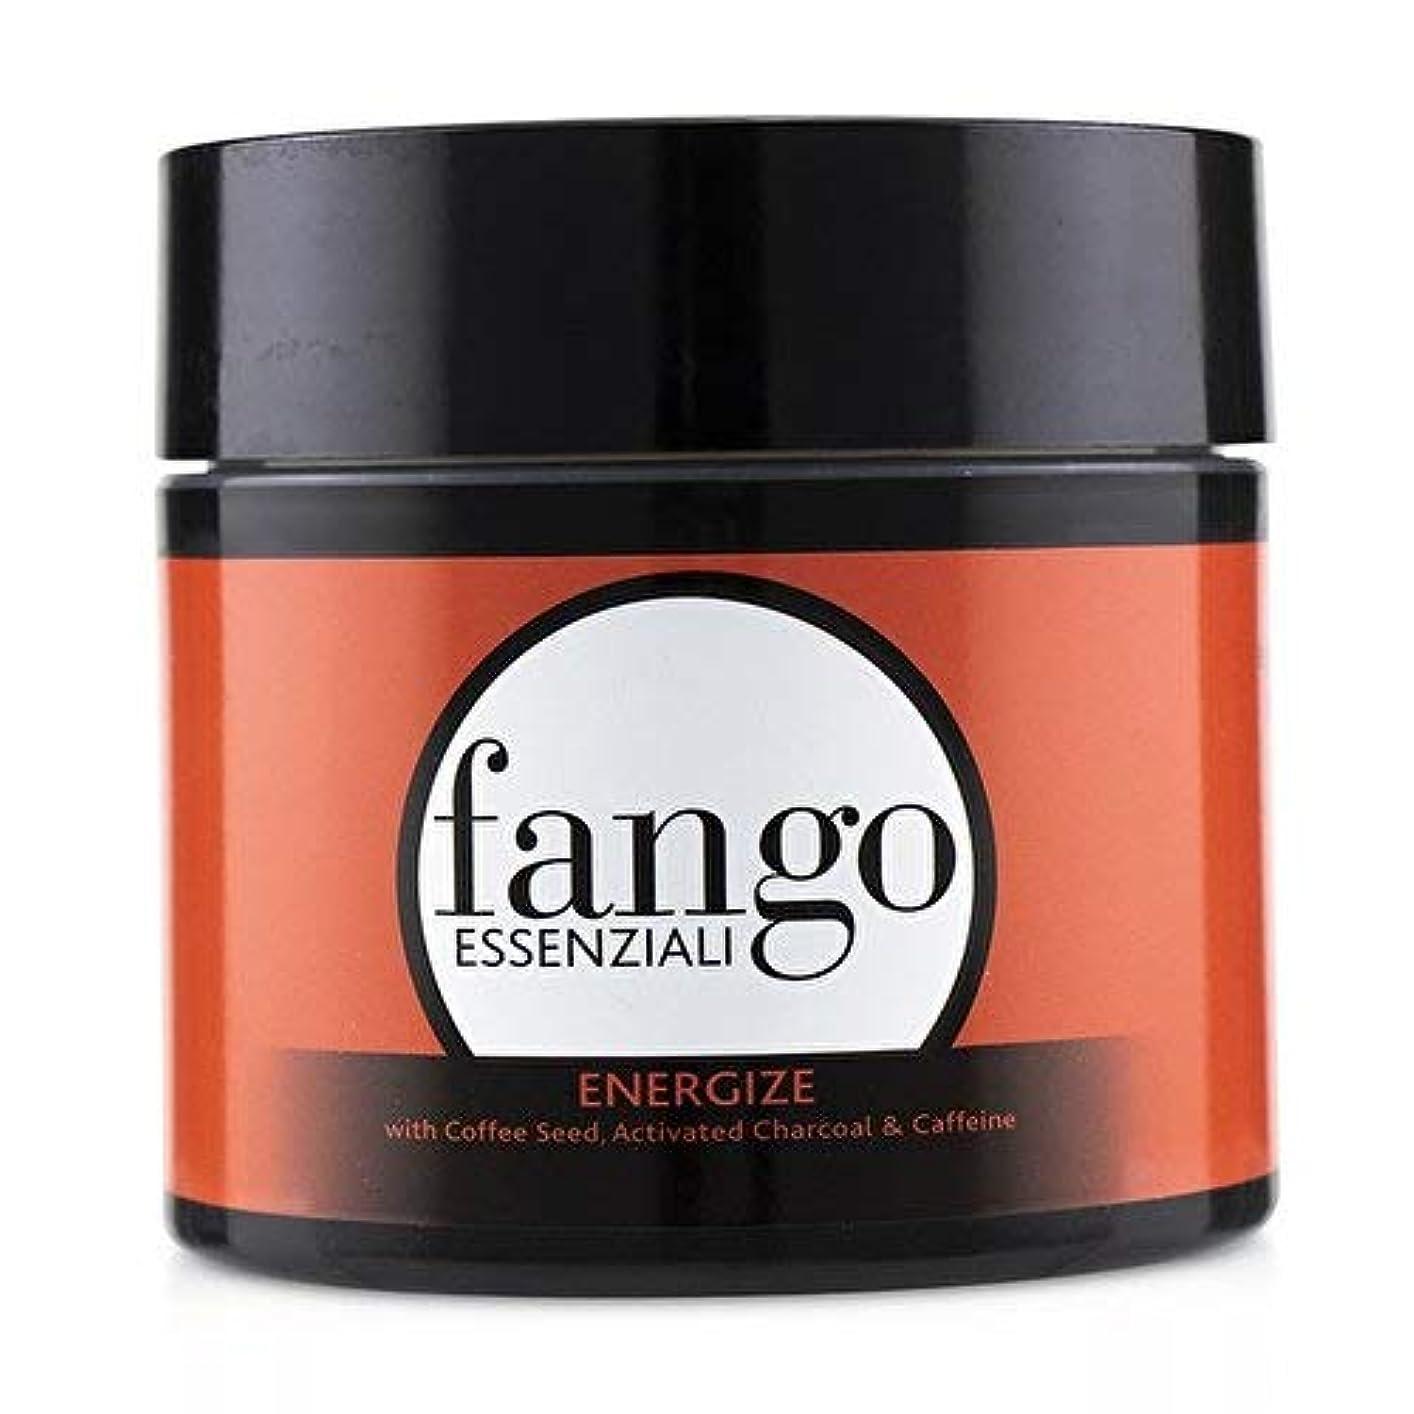 試してみる彼女自身かんたんボルゲーゼ Fango Essenziali Energize Mud Mask with Coffee Seed, Activated Charcoal & Caffeine 198g/7oz並行輸入品